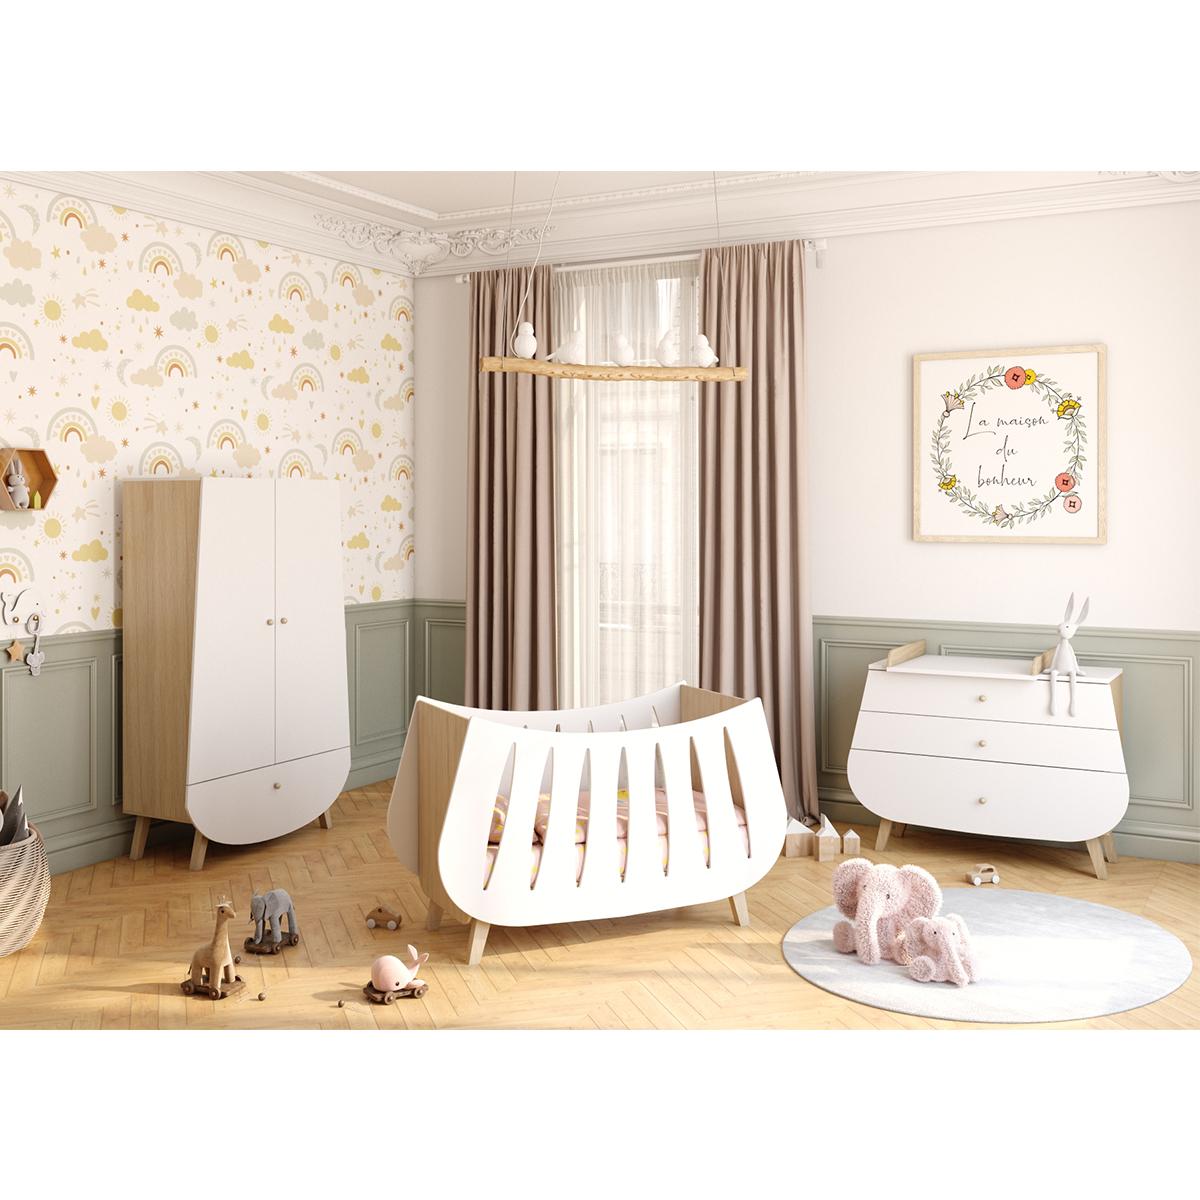 Chambre complète lit bébé 60x120 commode à langer et armoire Songes et Rigolades Trapèze - Blanc et bois